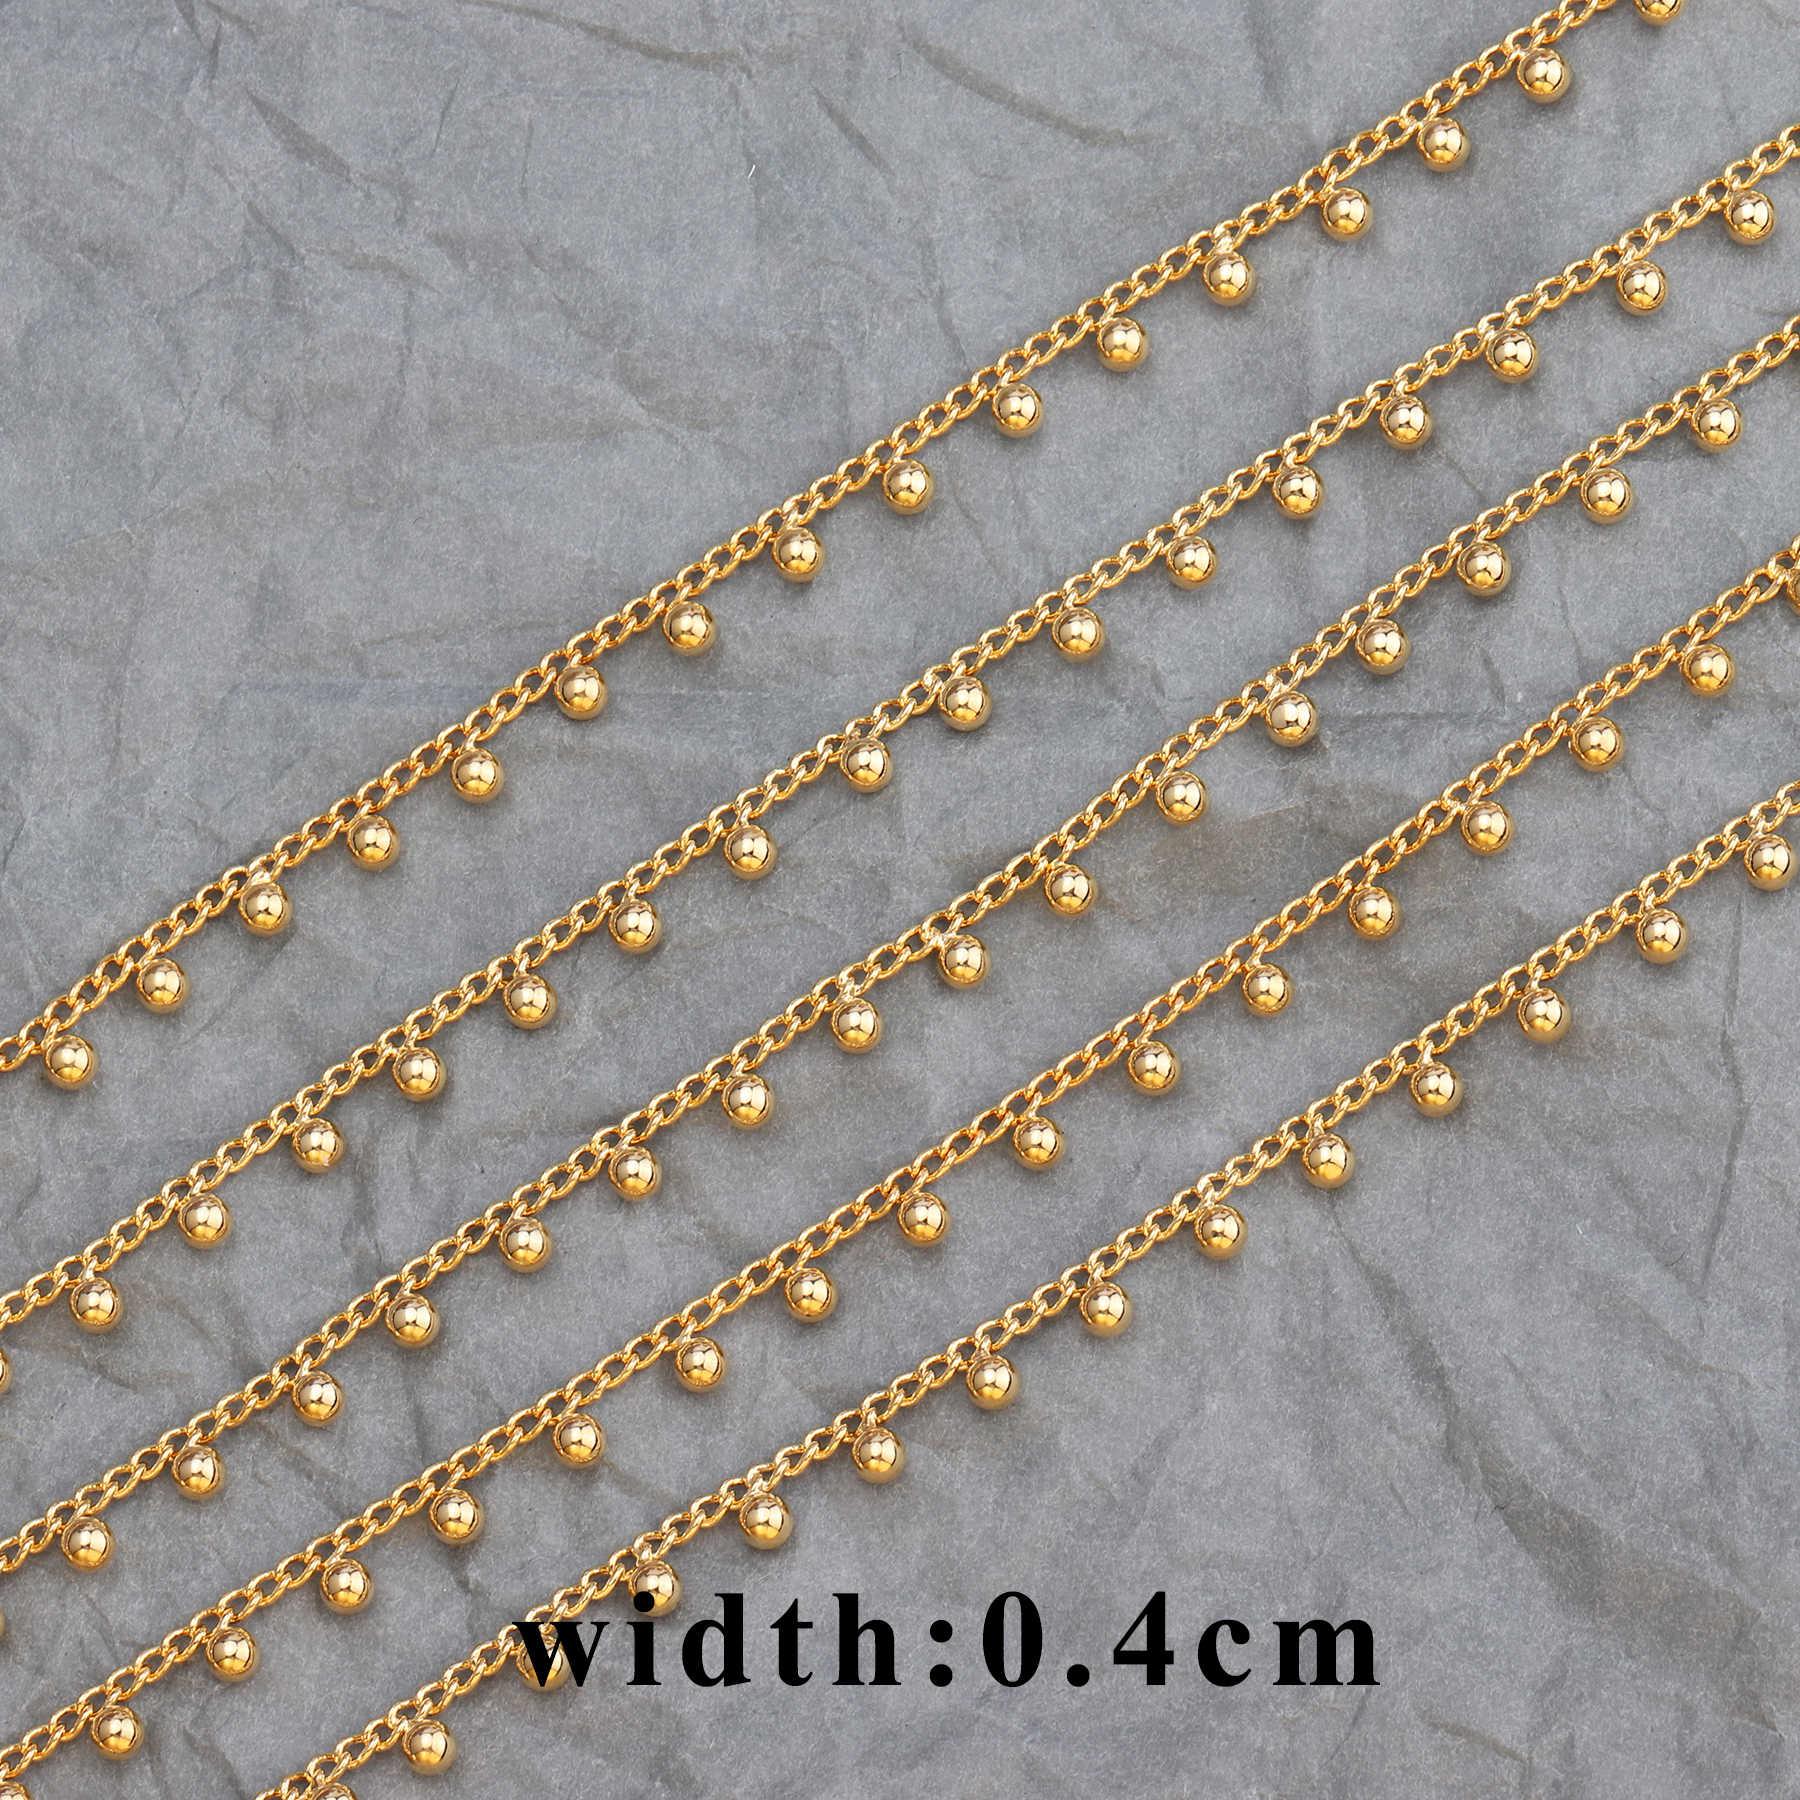 GUFEATHER C55, 18K gold kette, schmuck zubehör, Goldene kette, hand made, schmuck machen, schmuck erkenntnisse, diy ohrringe, 1 mt/los